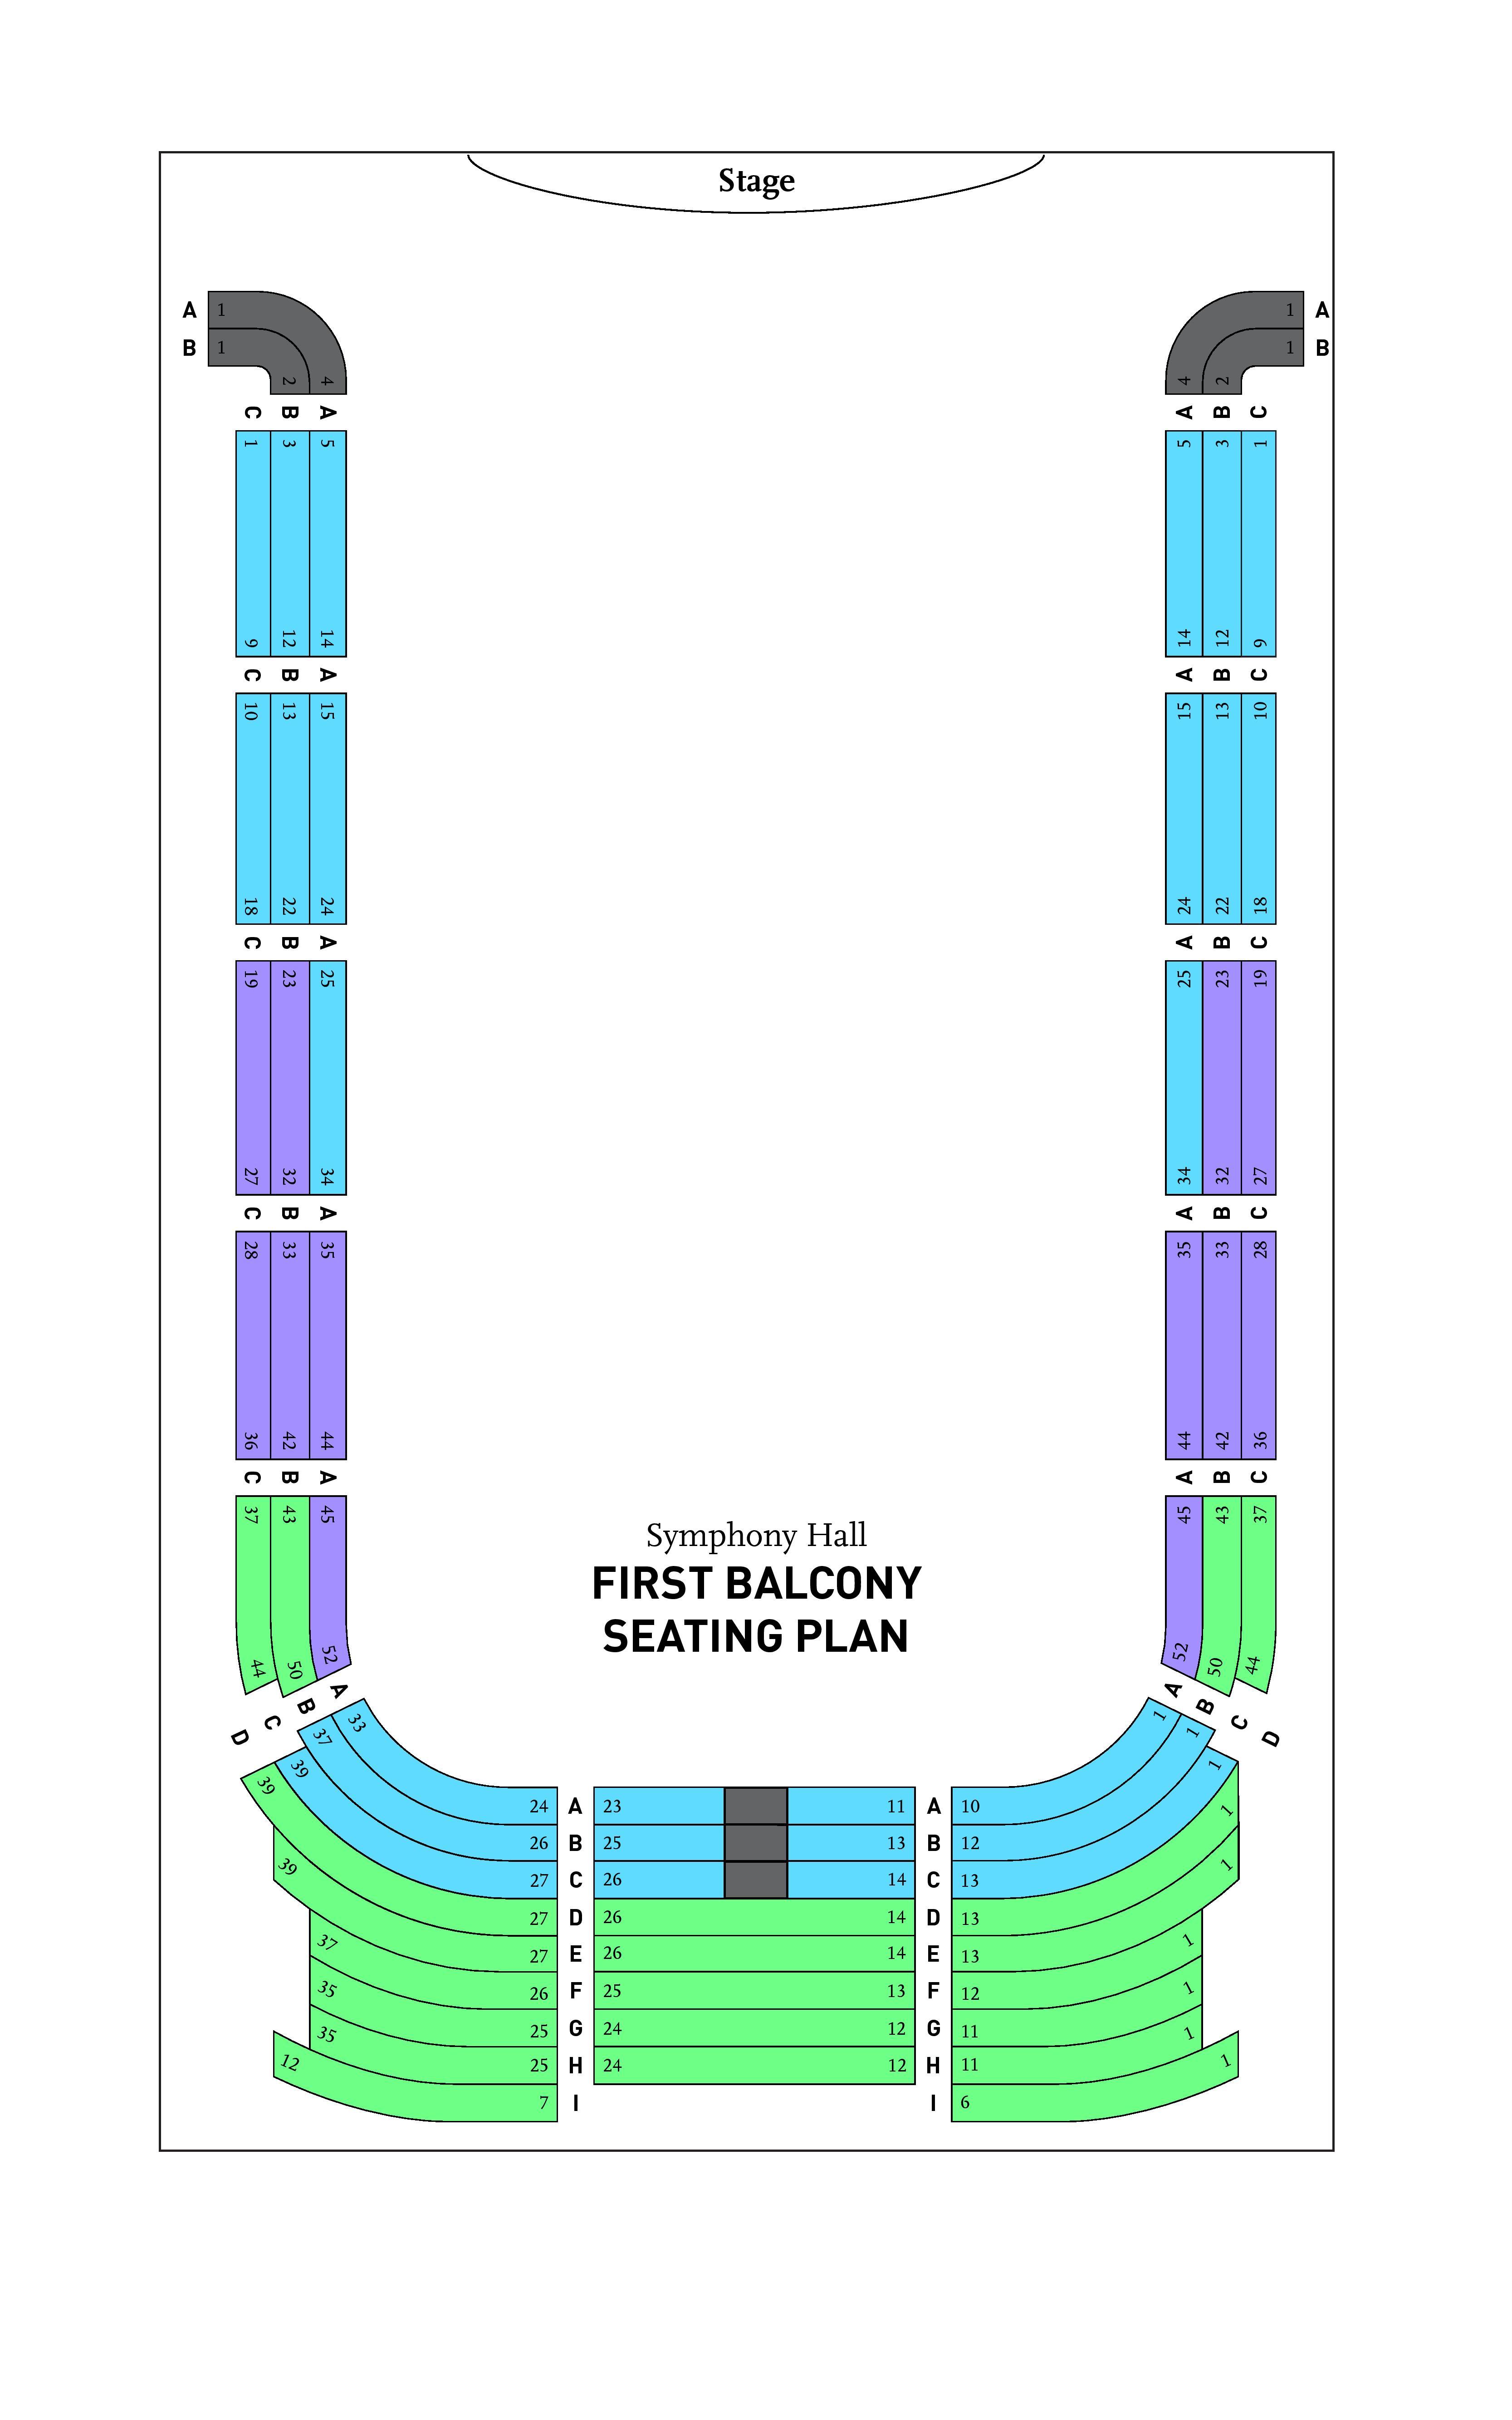 BPO Symphony Hall First Balcony Seating Chart